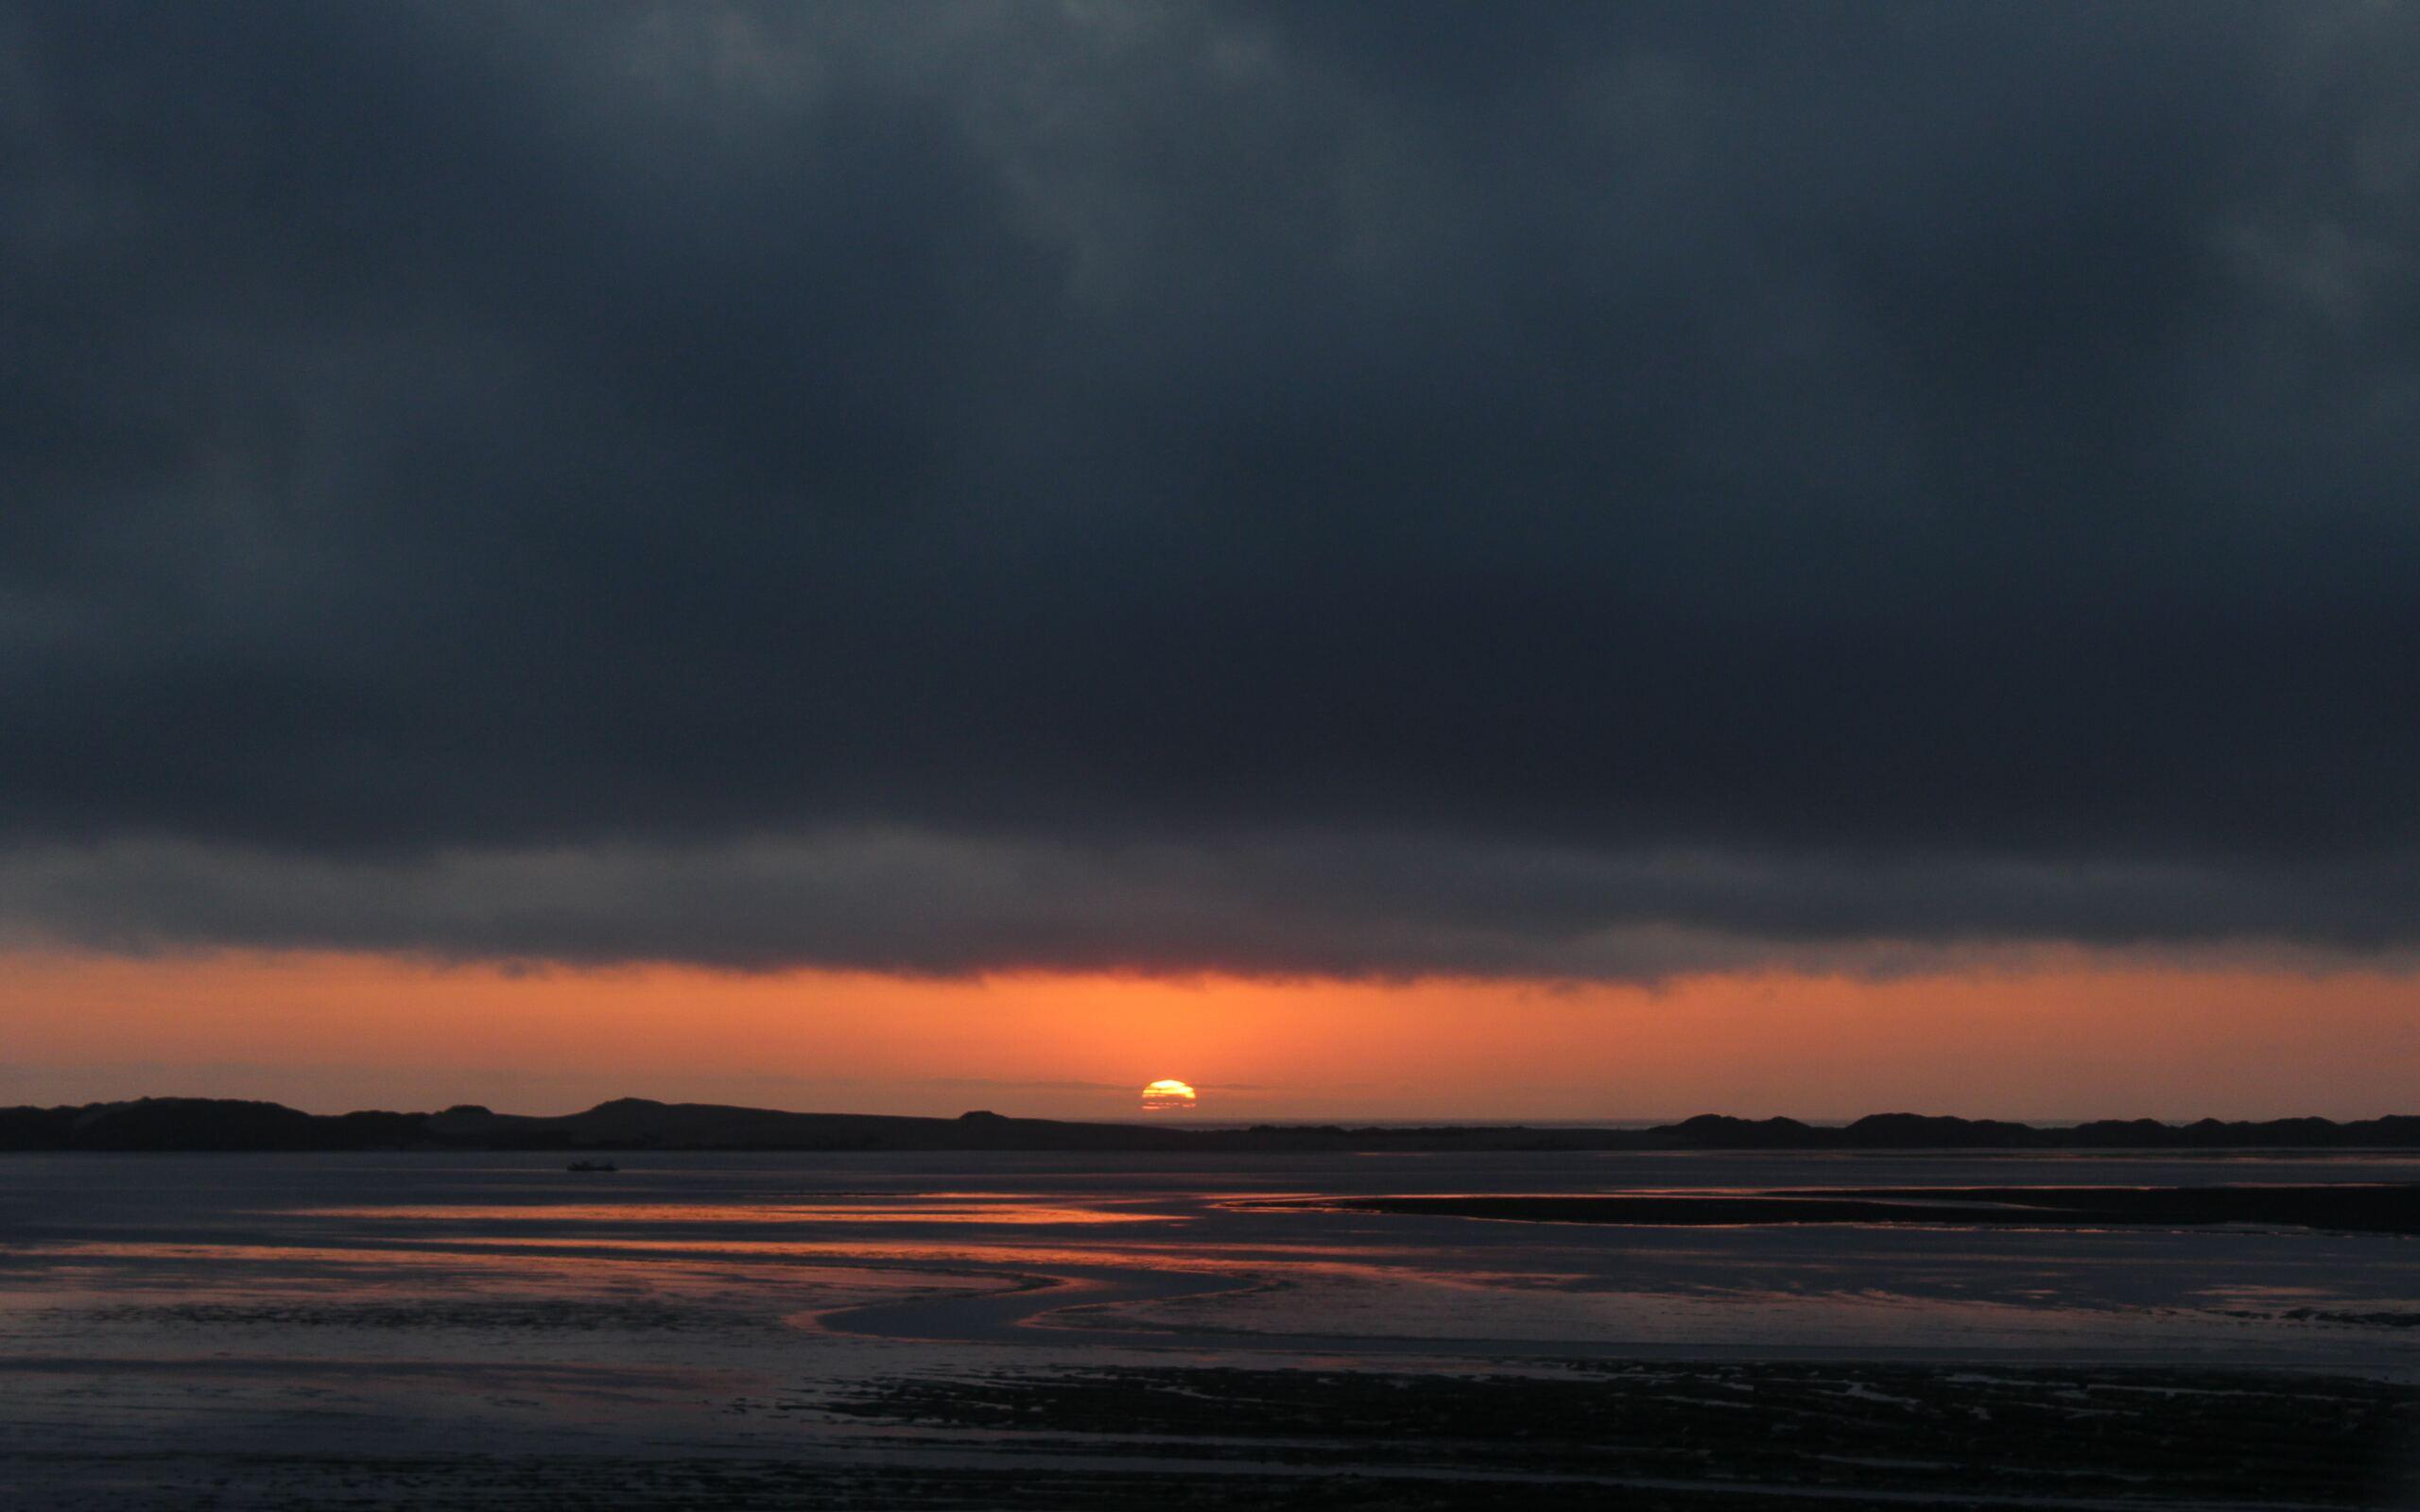 black-gray-clouds-during-golden-hour-5k-jk.jpg